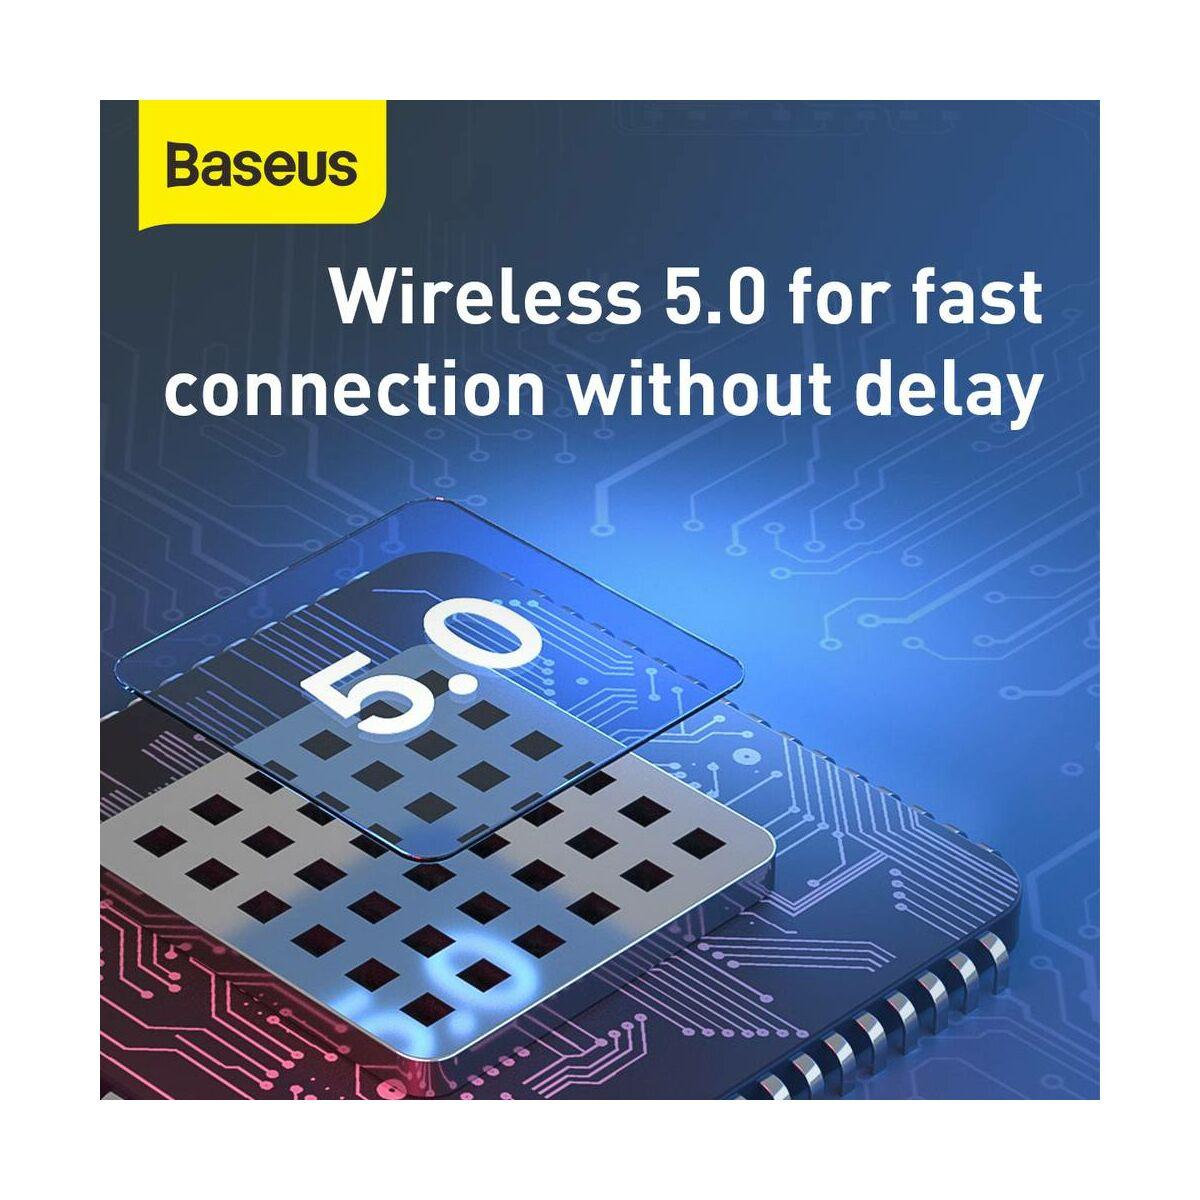 Baseus fülhallgató, Bluetooth Encok A05, Headset, vezeték nélküli, Mono, BT 5.0, fehér (NGA05-02)